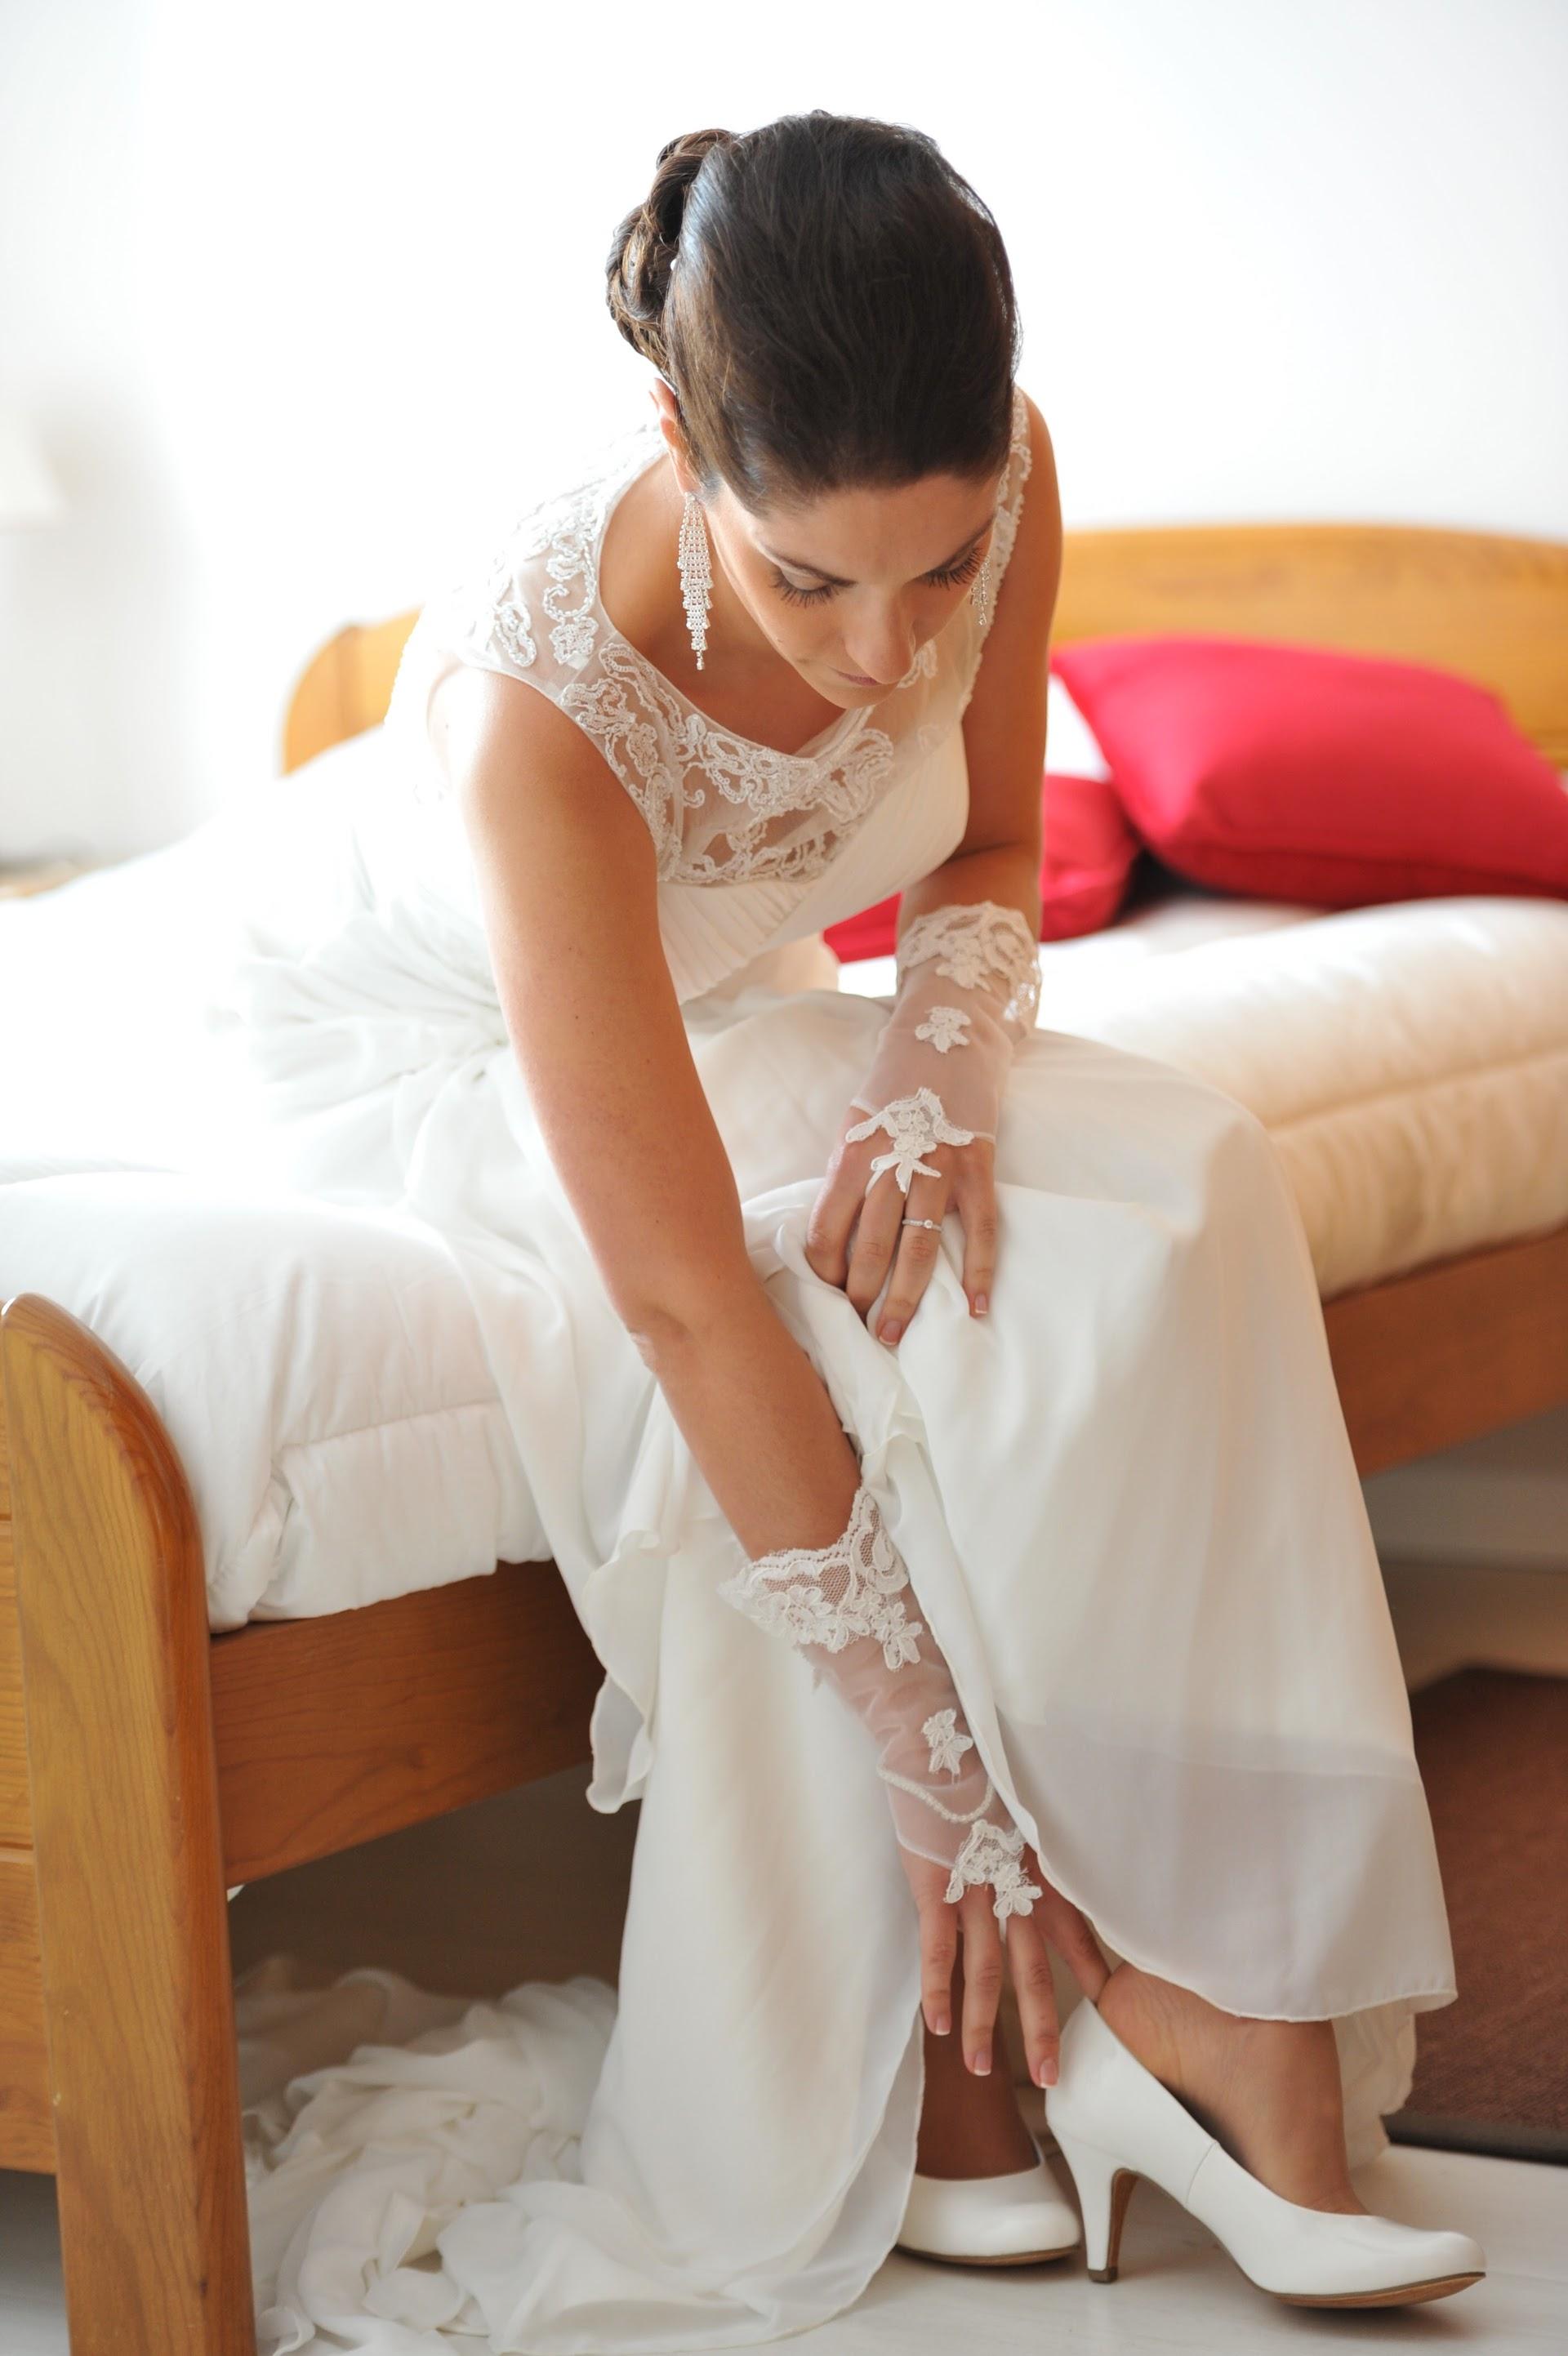 JLB Photo photographe de cérémonie de mariage sur Paris et ile de france